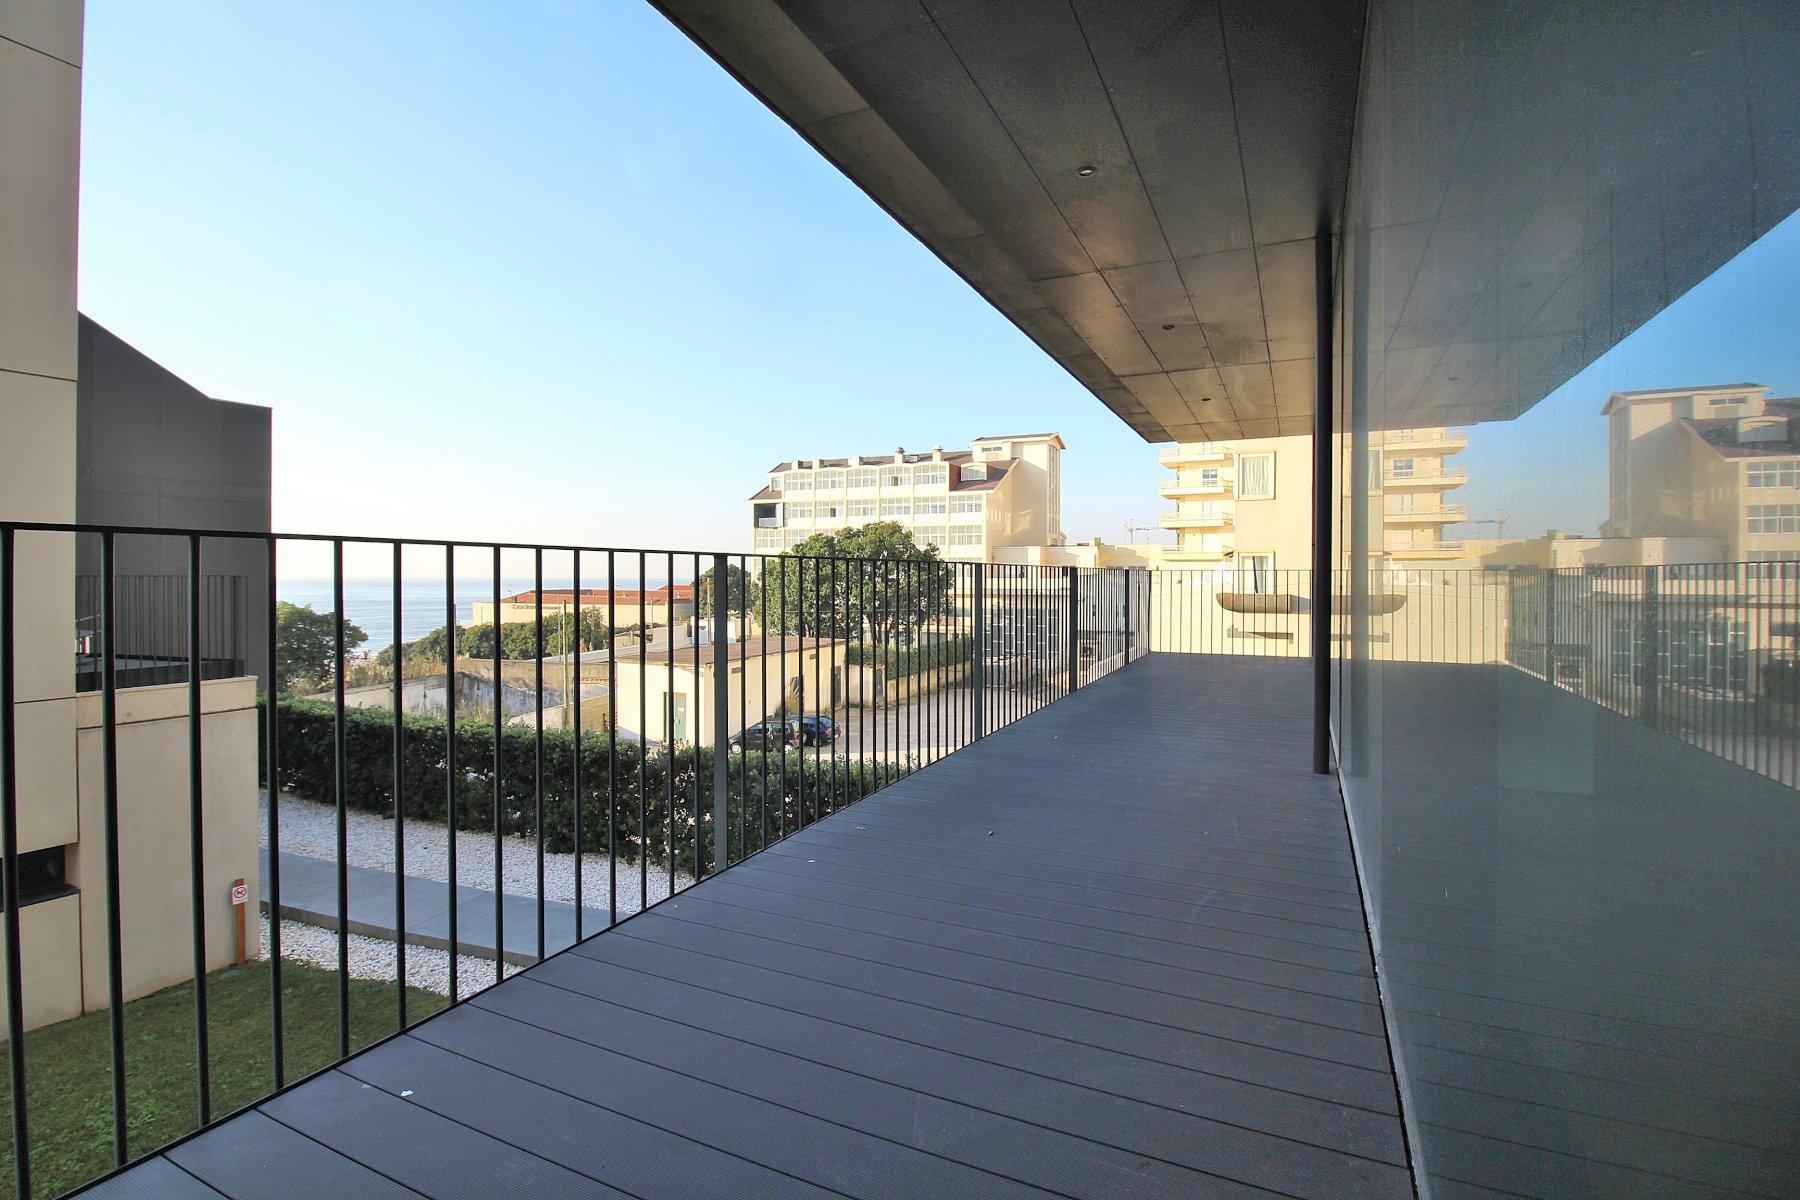 4 Bedroom Apartment Vila Nova de Gaia, Porto Ref: AAP65